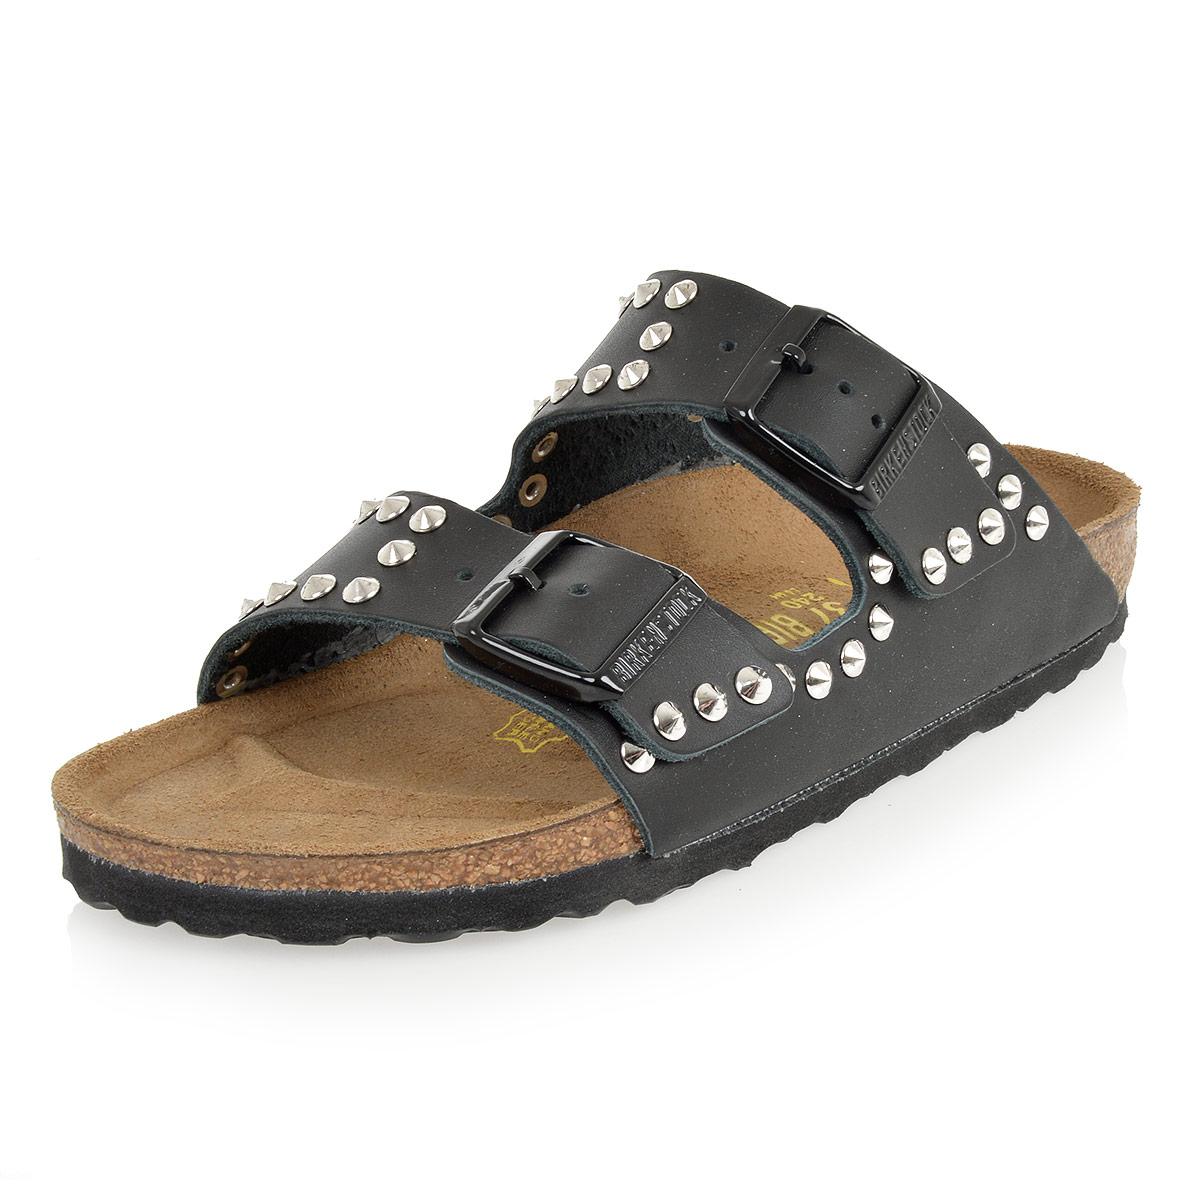 6ec82061dd1 Big Kids Birkenstocks Ankle Boot Flat